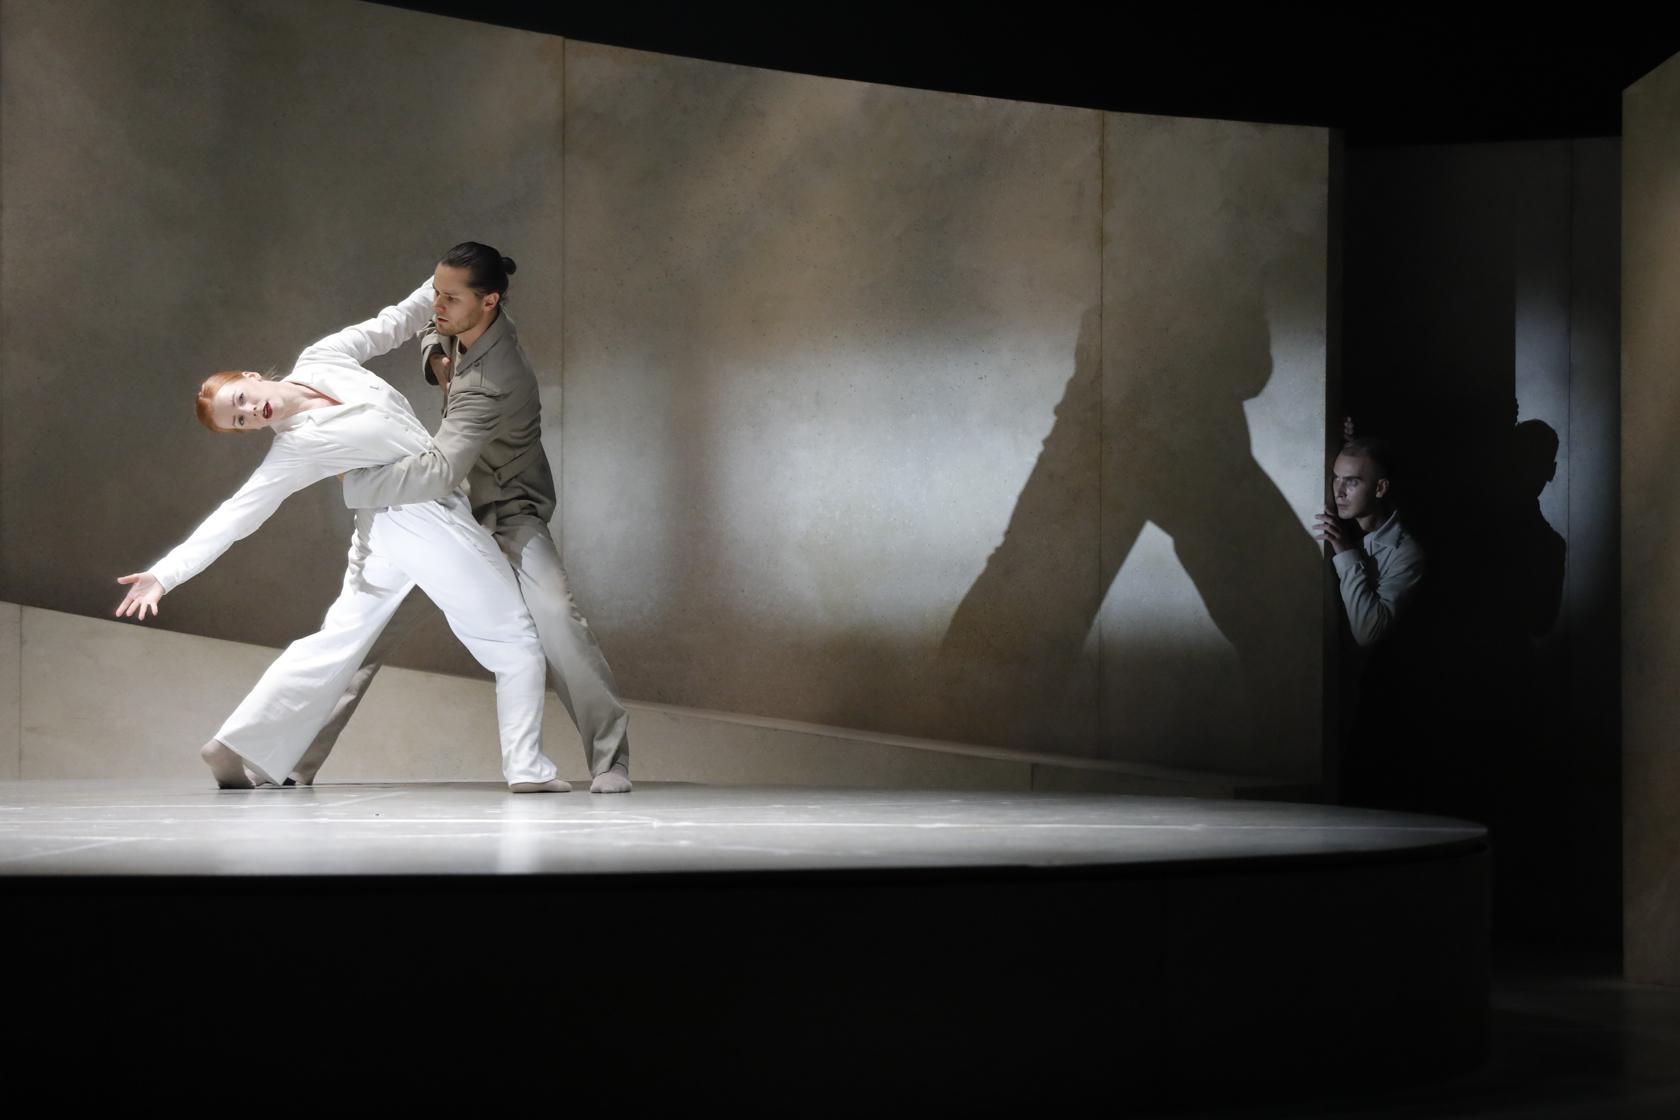 Twee dansers op het podium. De mannelijke danser heeft zijn arm om haar rug geslagen en zij leunt naar achteren en strekt haar arm uit naar achter. Op de achtergrond kijkt iemand toe in de schaduw.